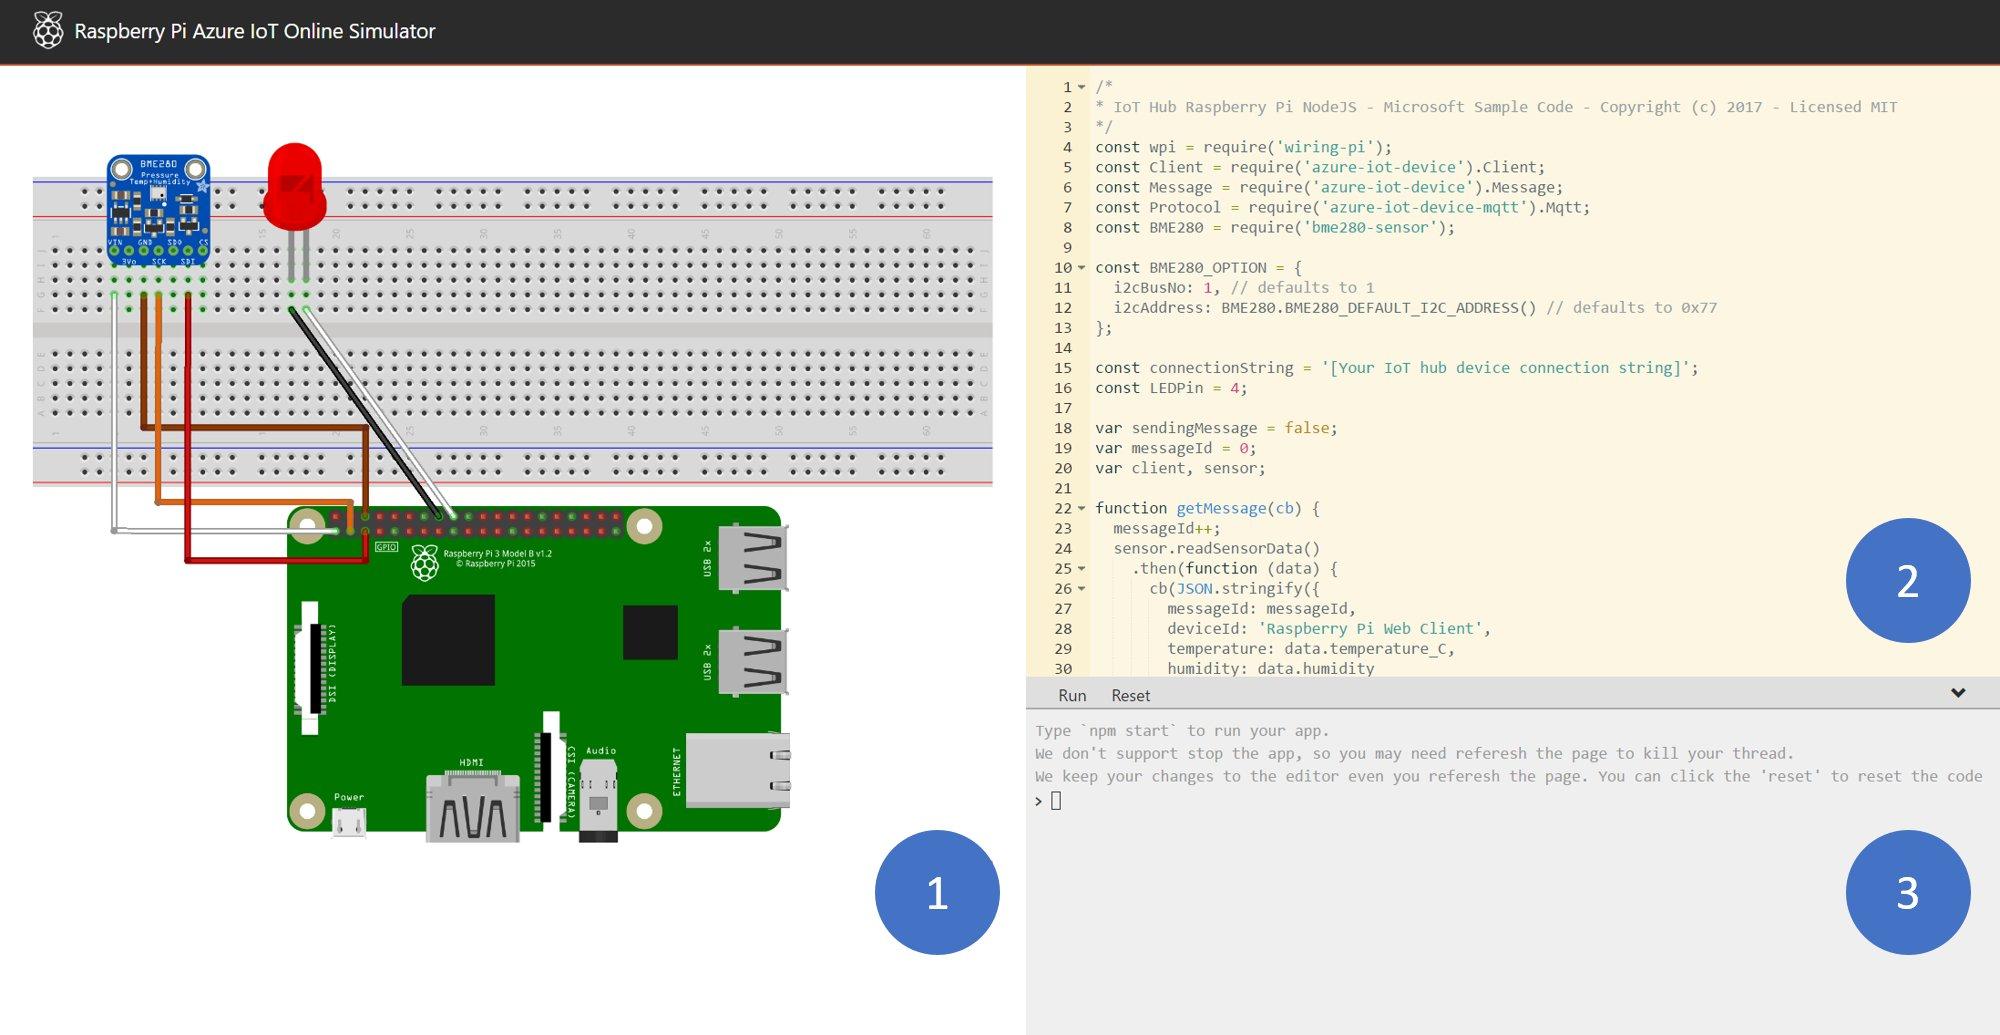 wiringpi node js basic wiring diagram u2022 rh dev spokeapartments com wiringpi node.js Node.js Examples